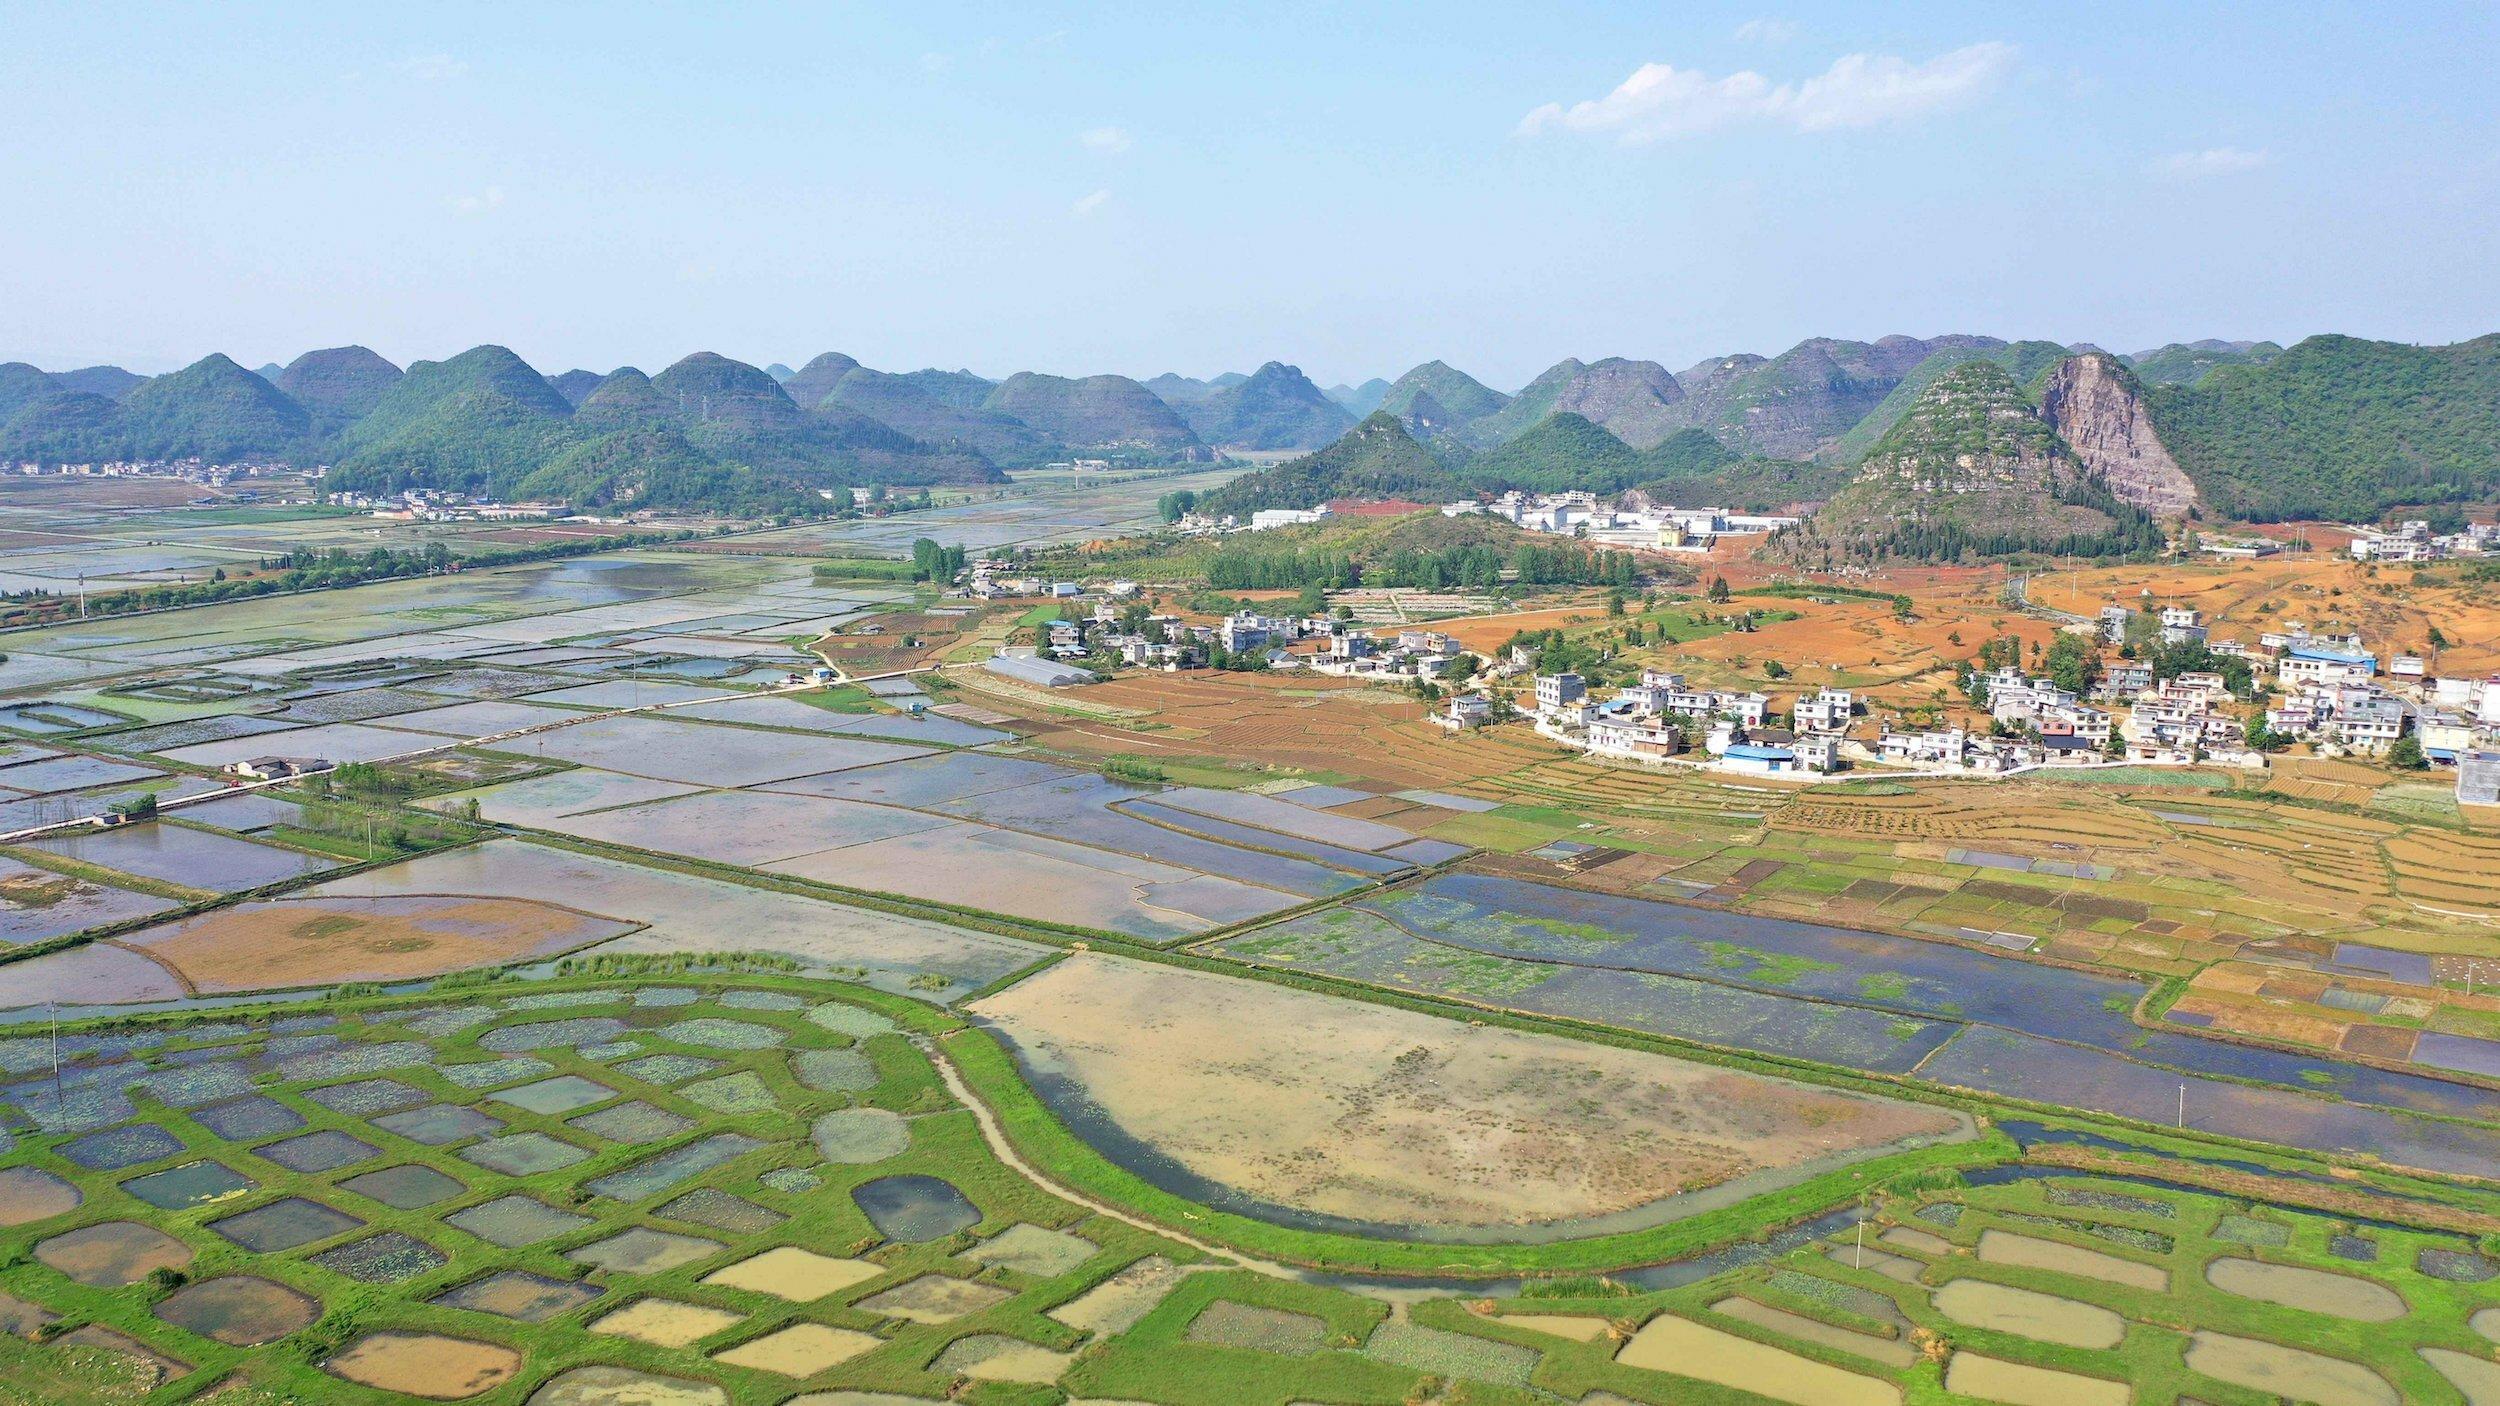 Eine Landschaft mit zahlreichen kleinen Tümpeln vor einem Dorf und Hügeln.